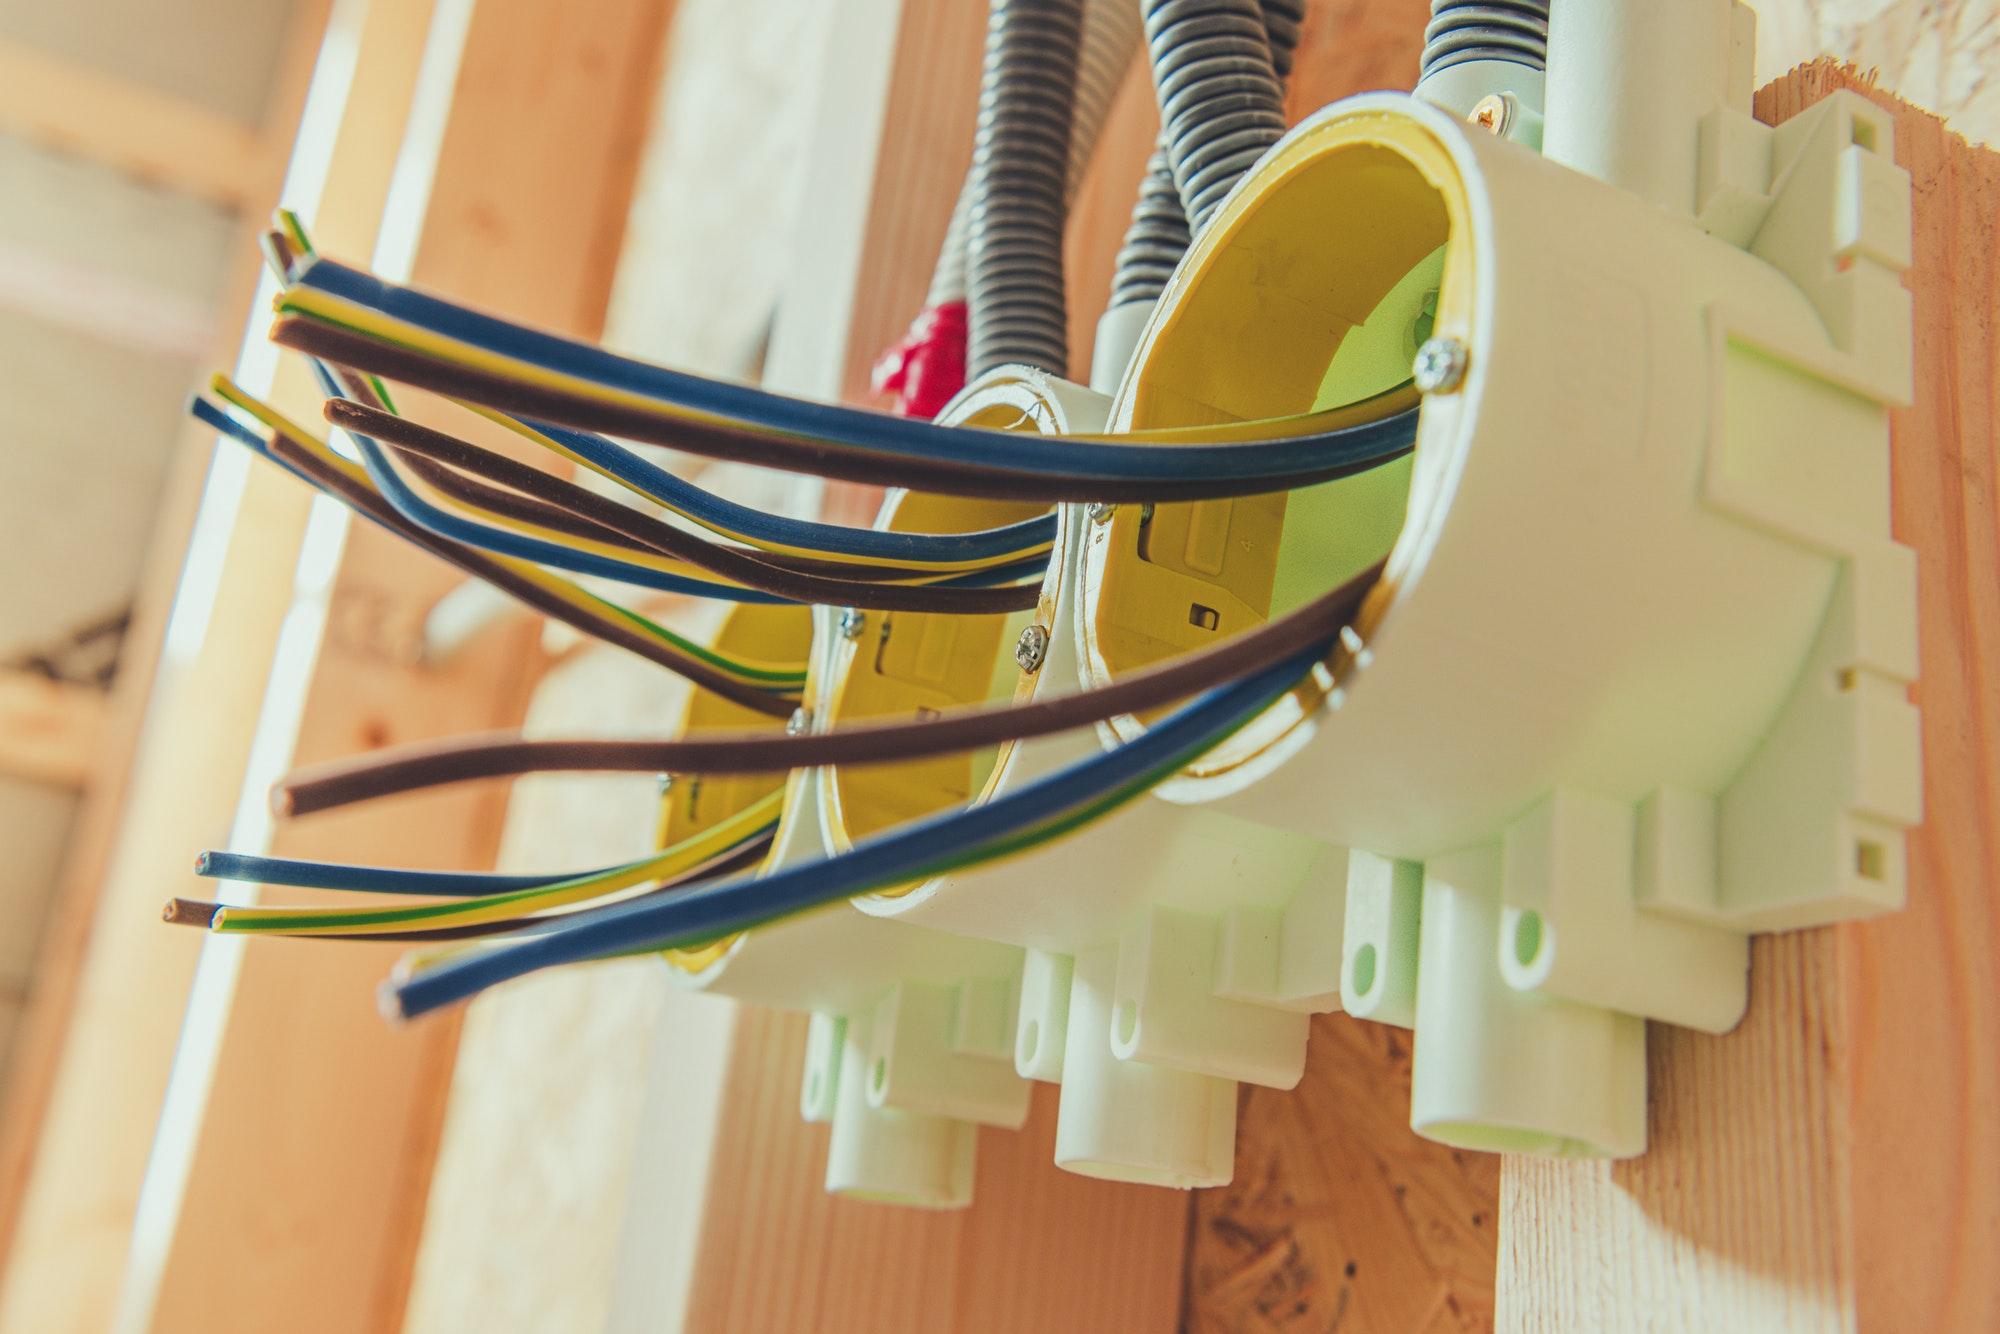 Ring til Norh elektriker Tollarp om du behöver hjälp akut med el, vi hjälper dig i Tollarp innanför en timma, el jour elektriker Tollarp + låssmed